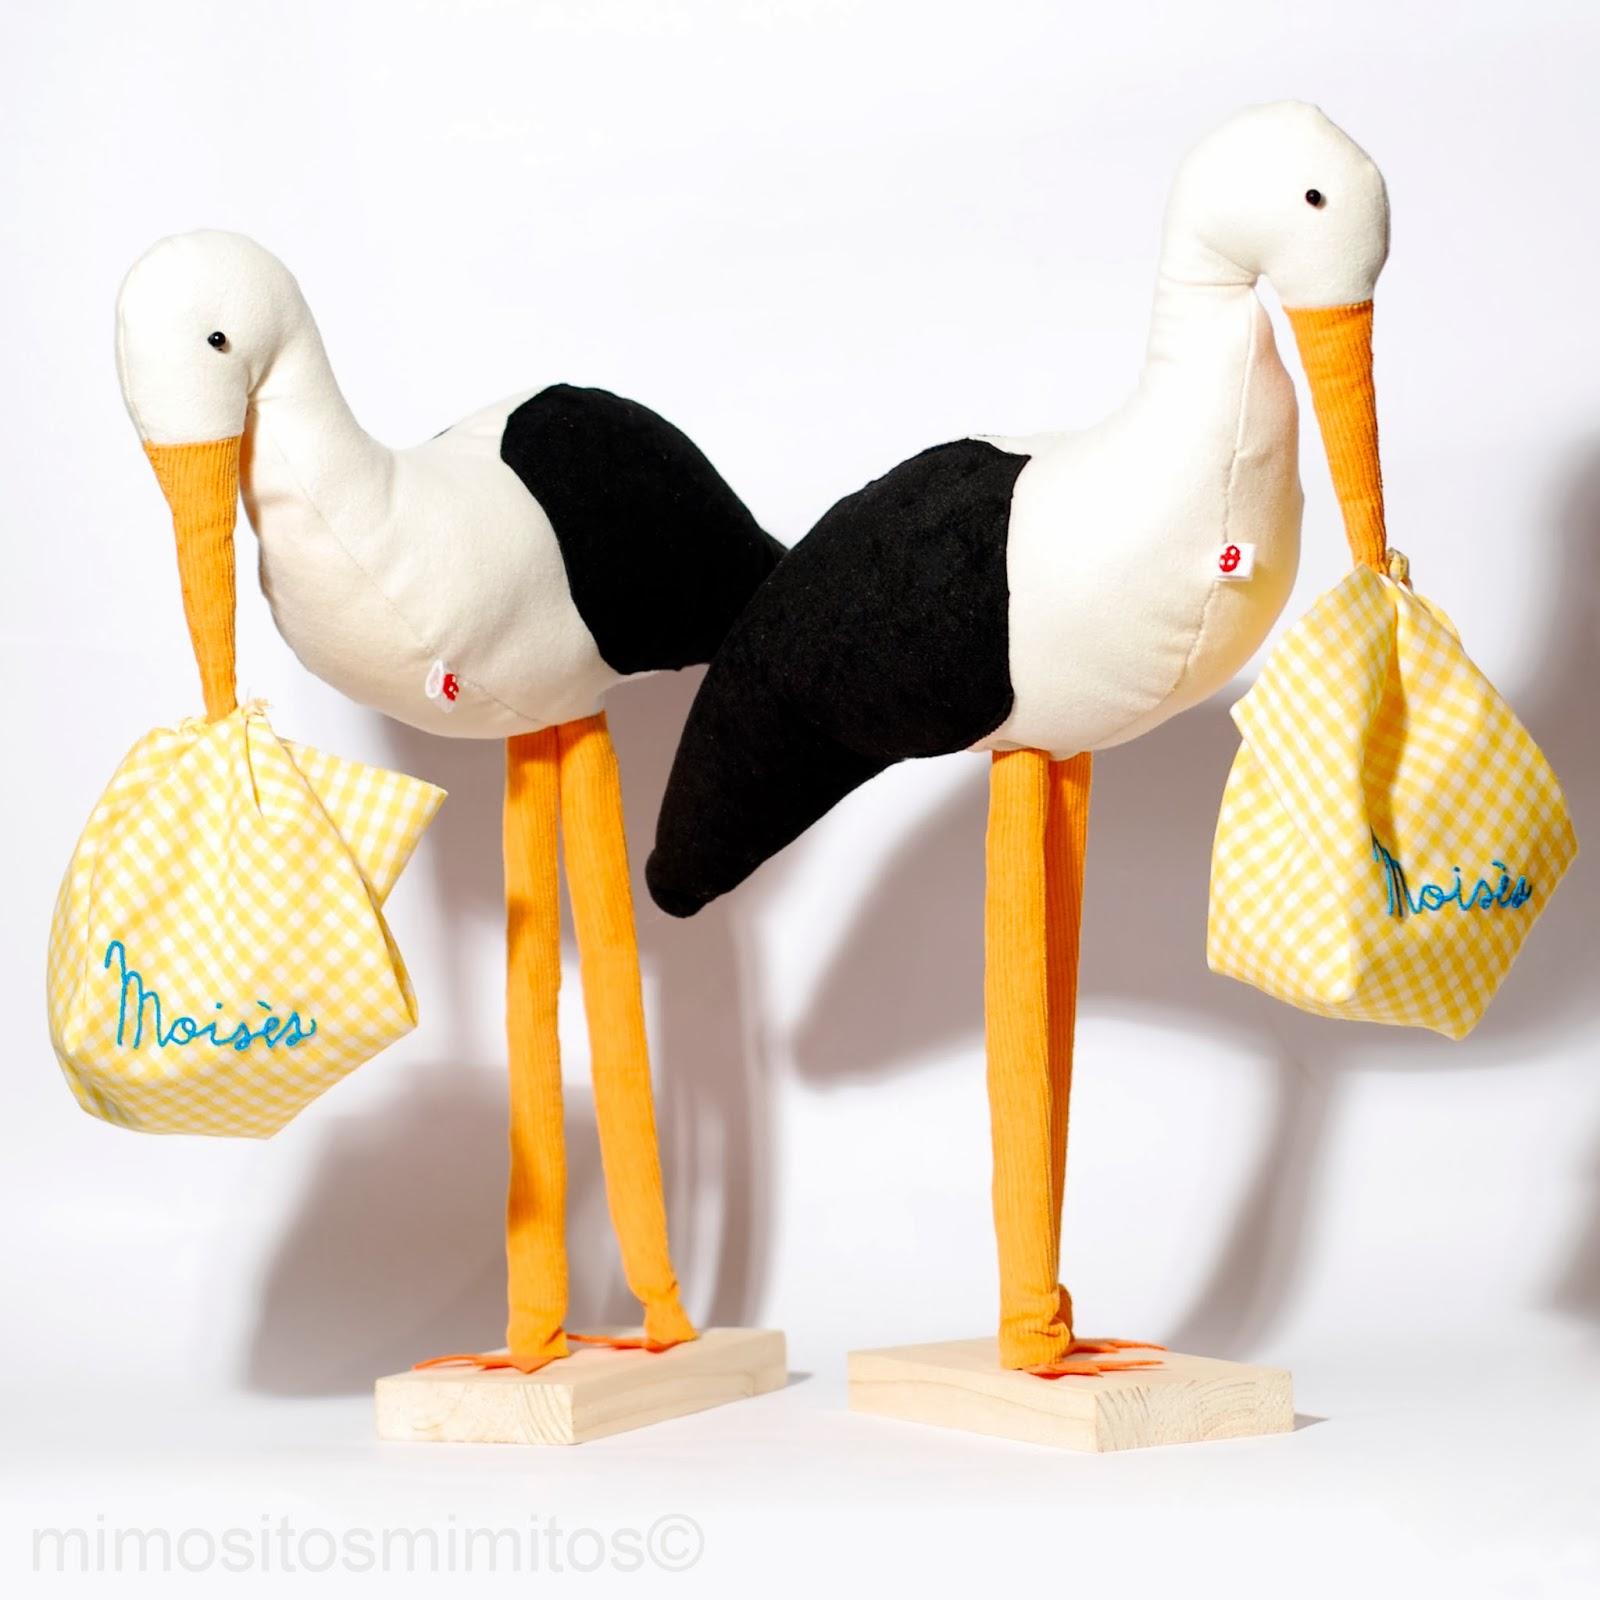 preparando la llegada del bebe regalo personalizado baby cigüeñas stork cigonyes decoración decoration bordado embroidery customized muñeco stuffed